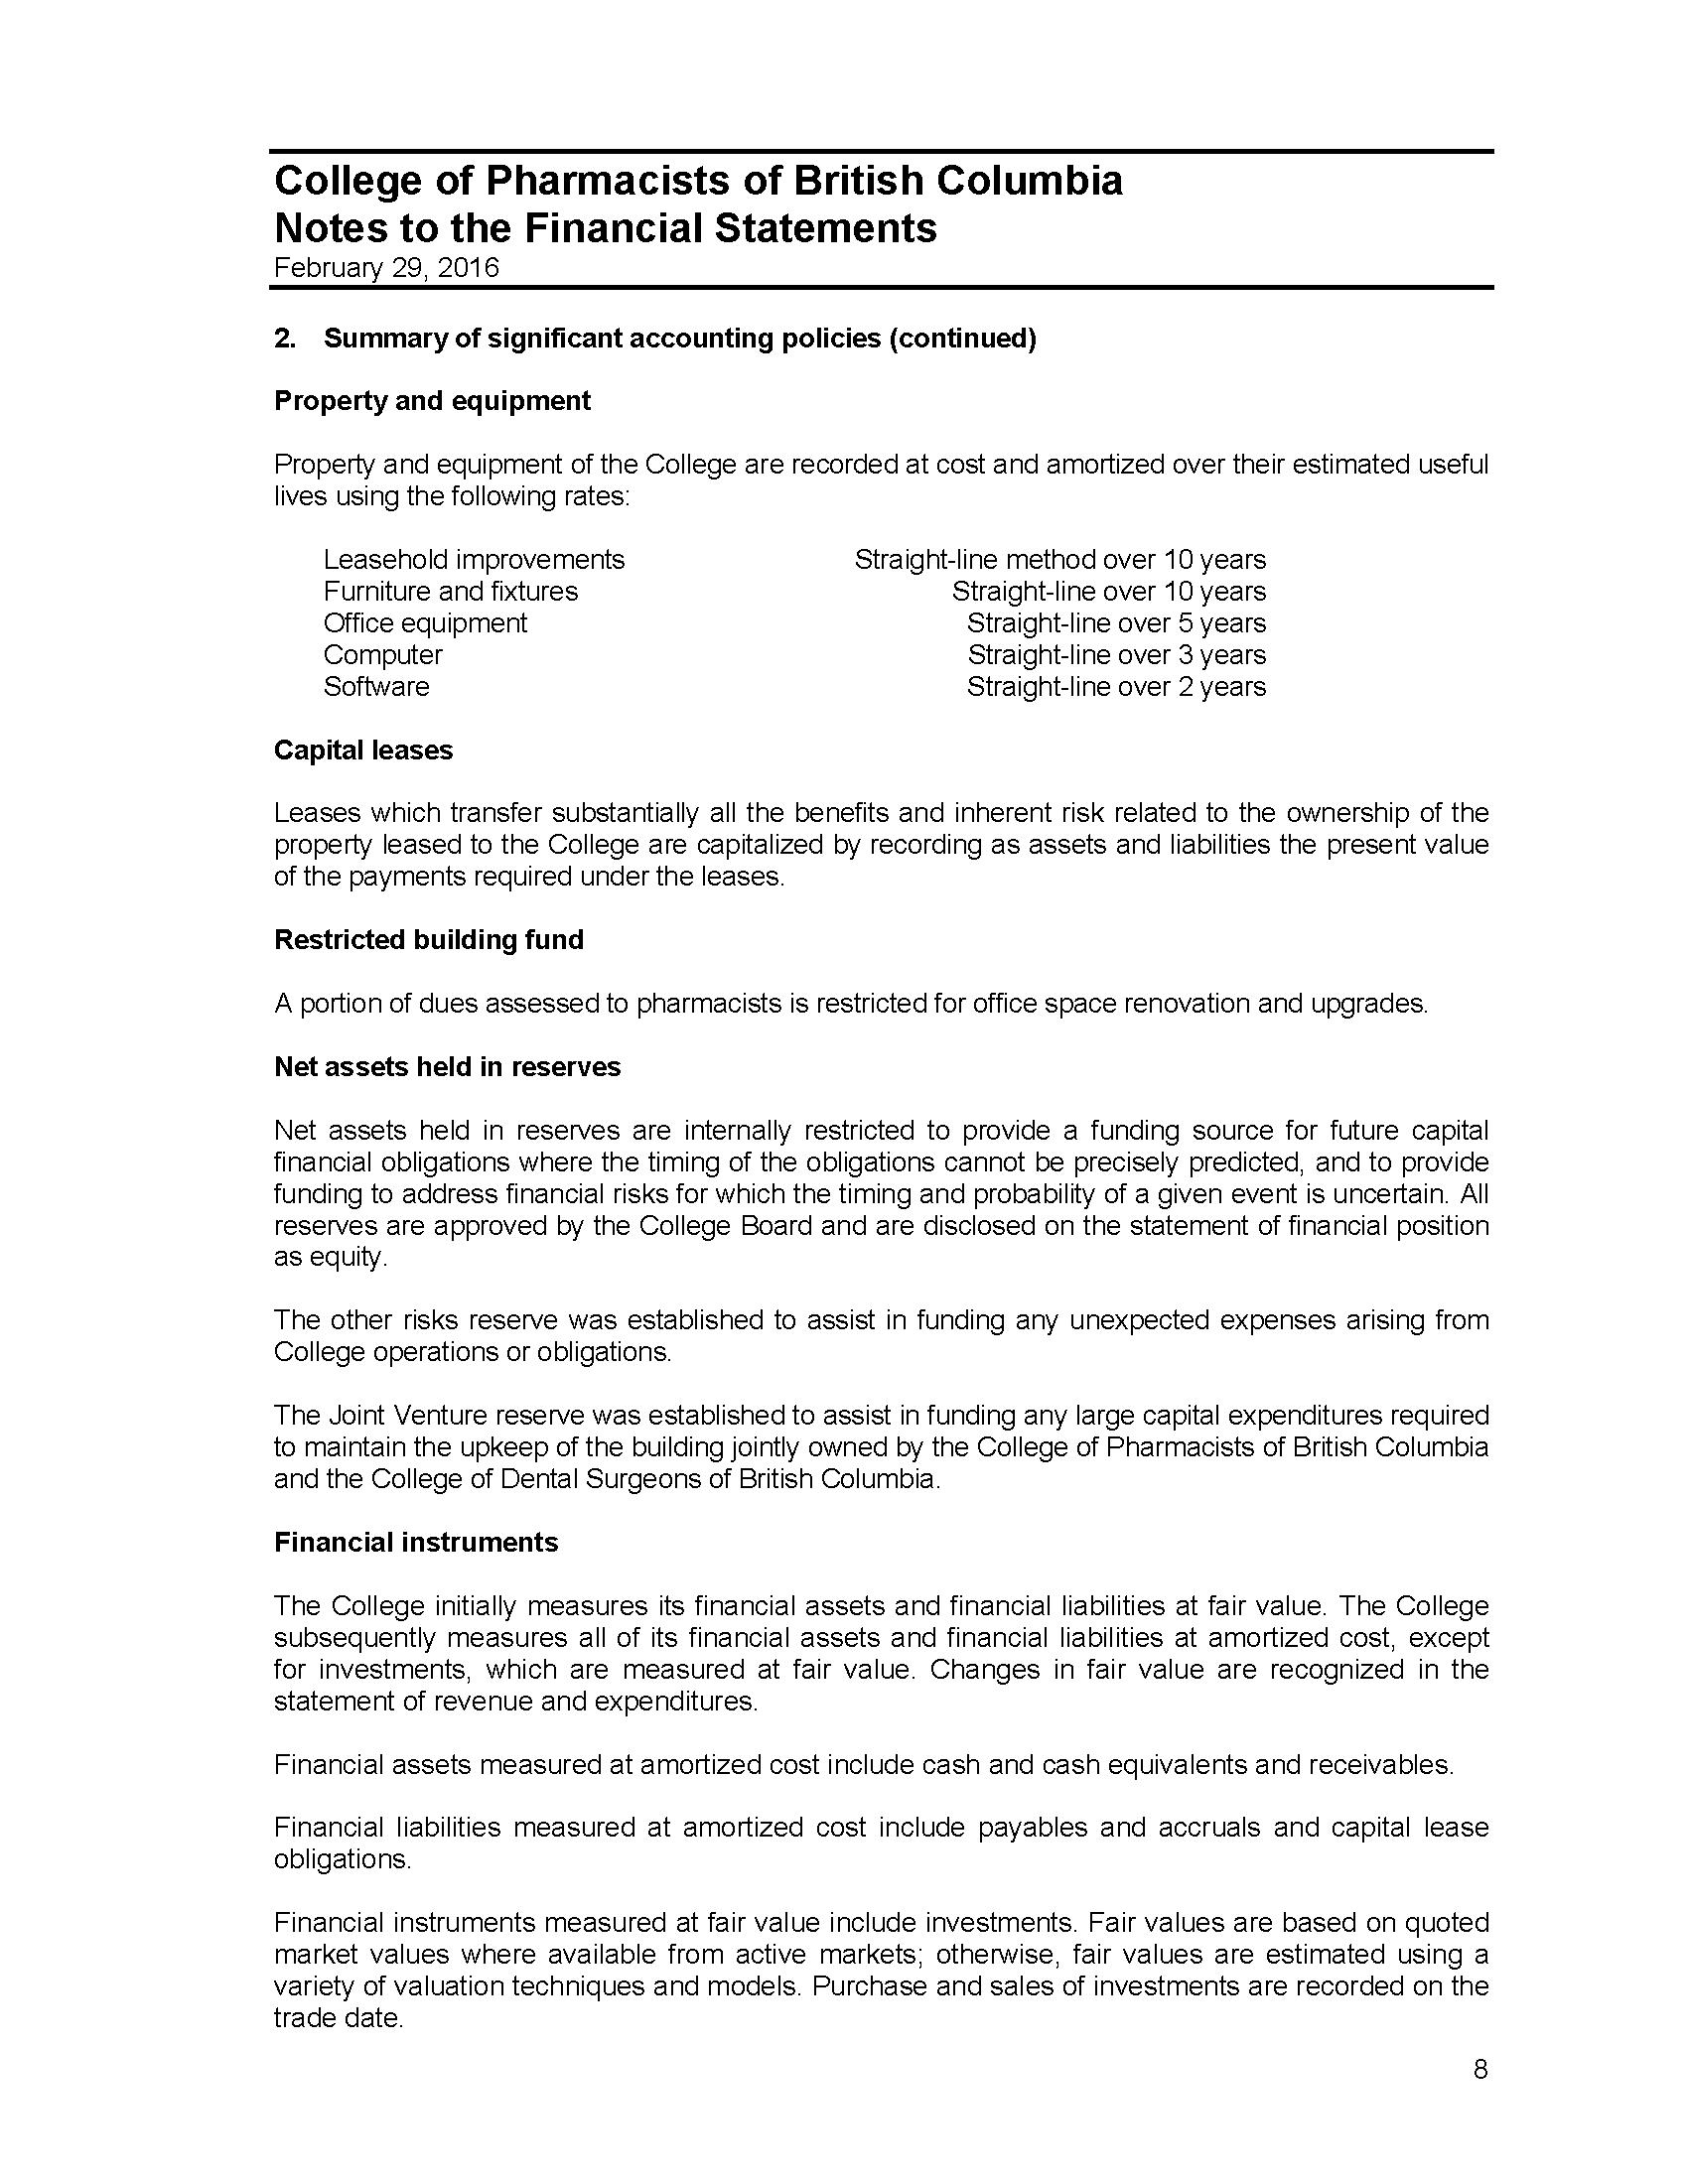 CPBC_Financials_10